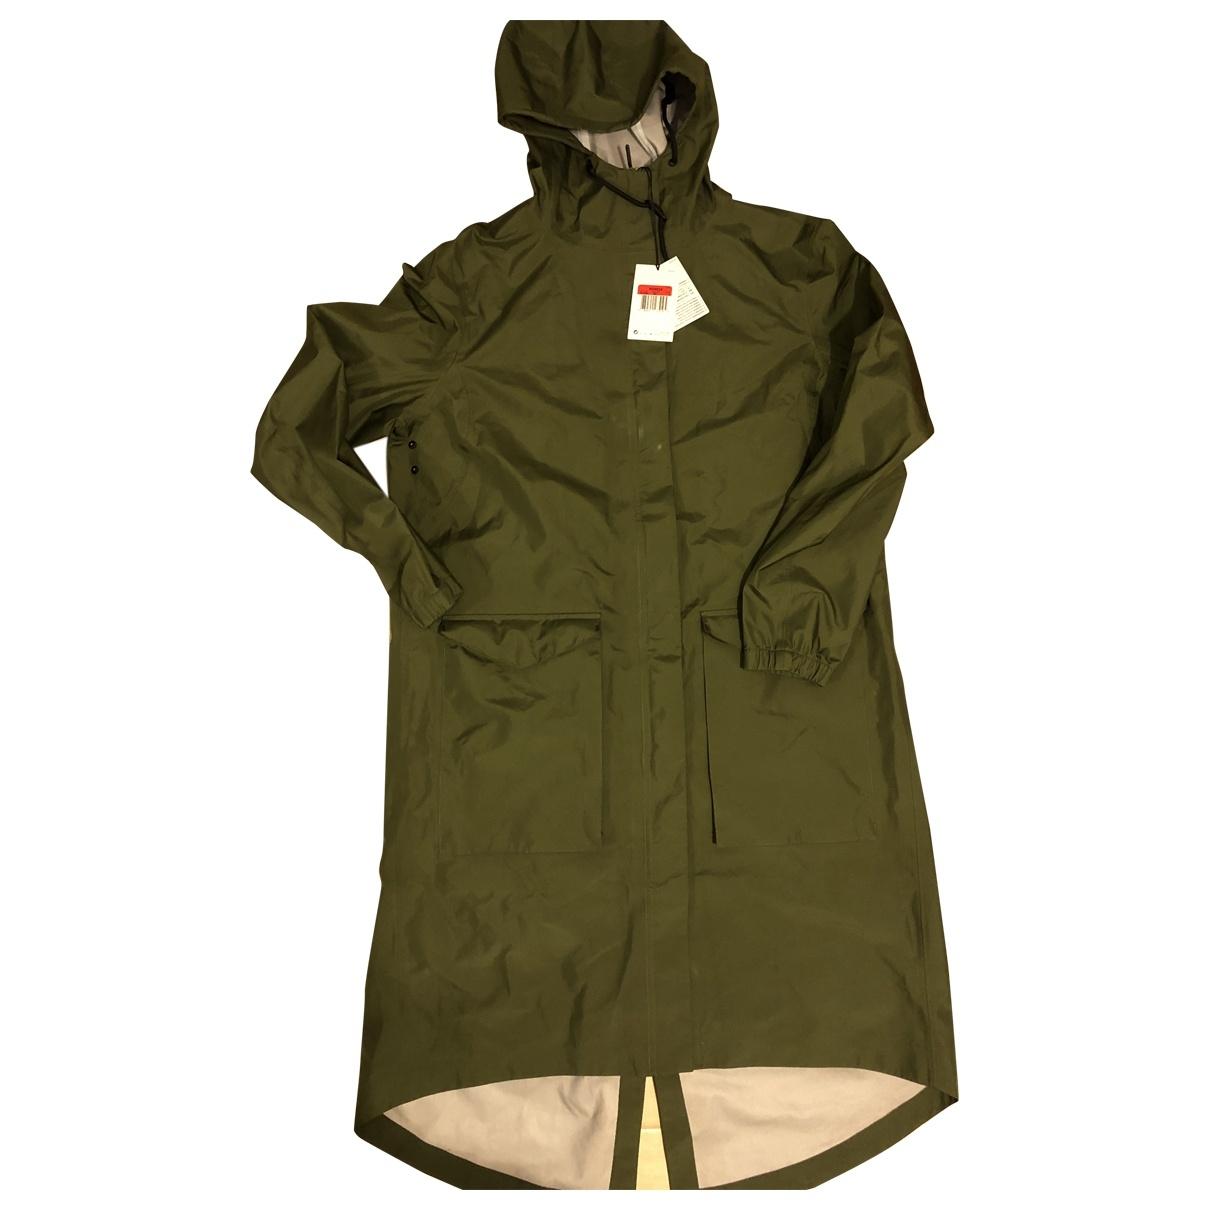 Nike \N Green jacket for Women L International